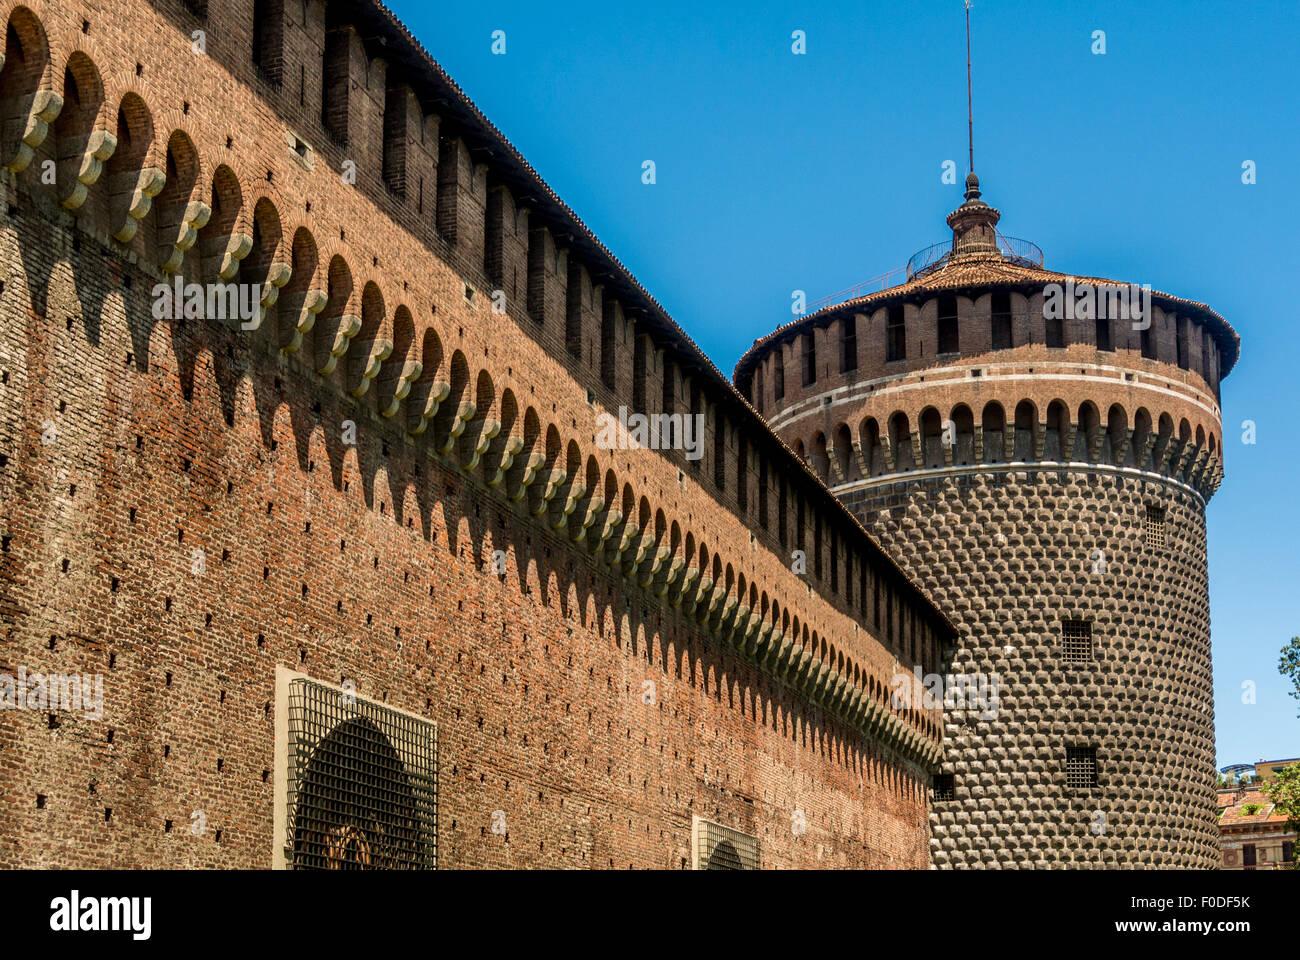 Sforza Castle, Castello Sforzesco. Milan Italy - Stock Image